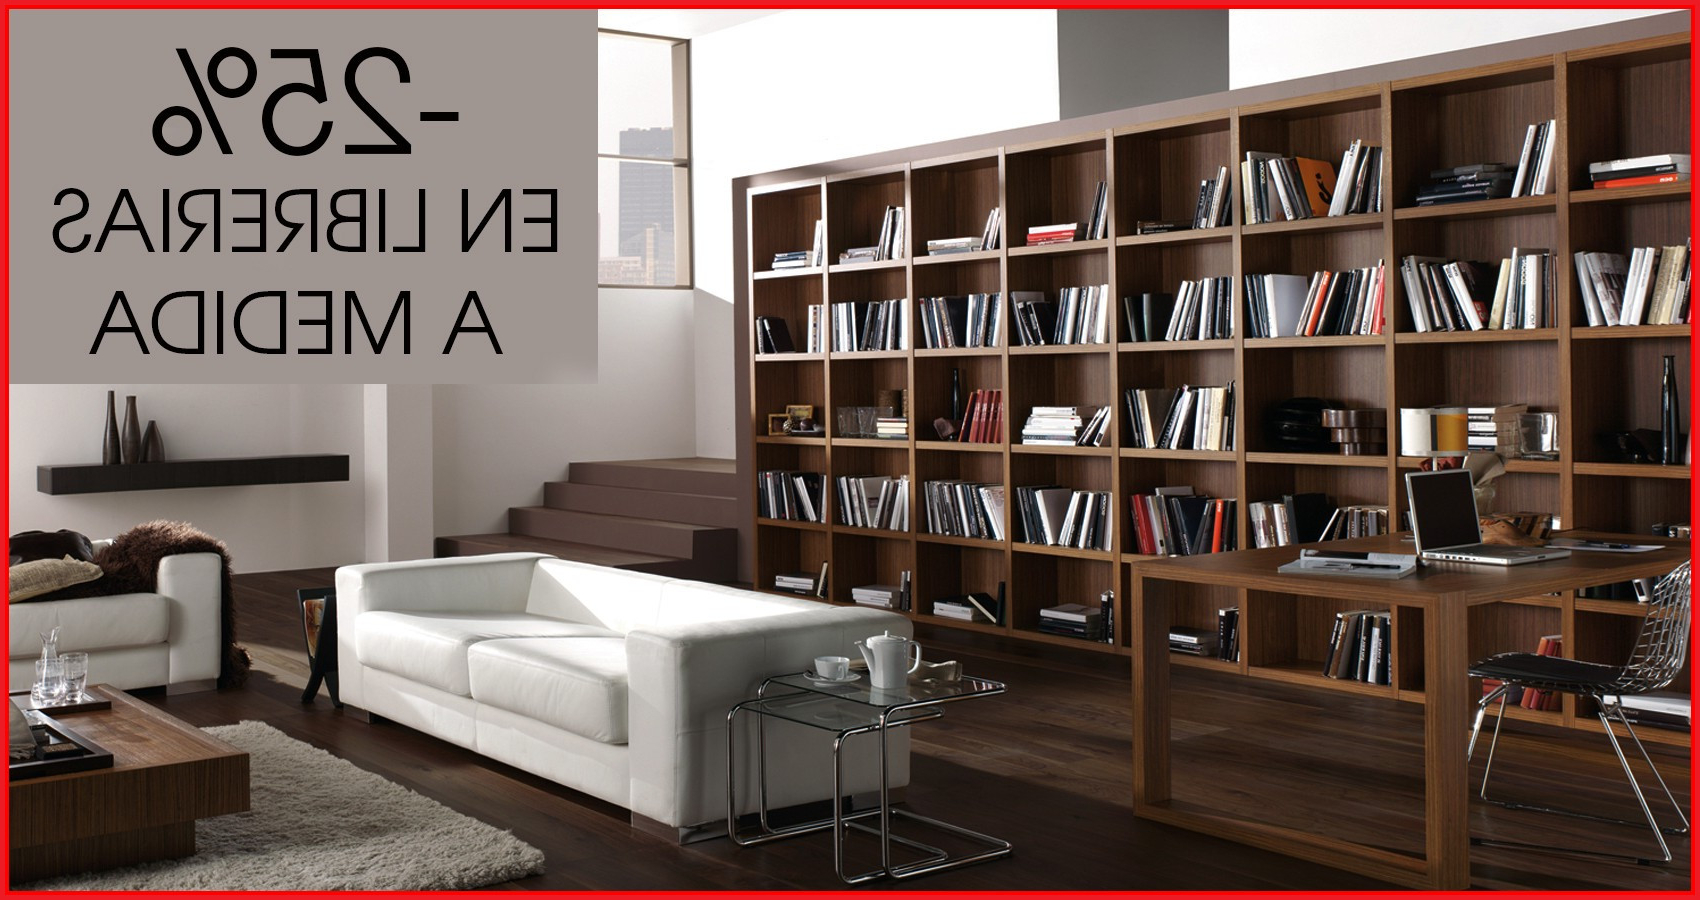 Librerias Muebles Txdf Muebles Librerias Modernas Muebles Librerias Muebles